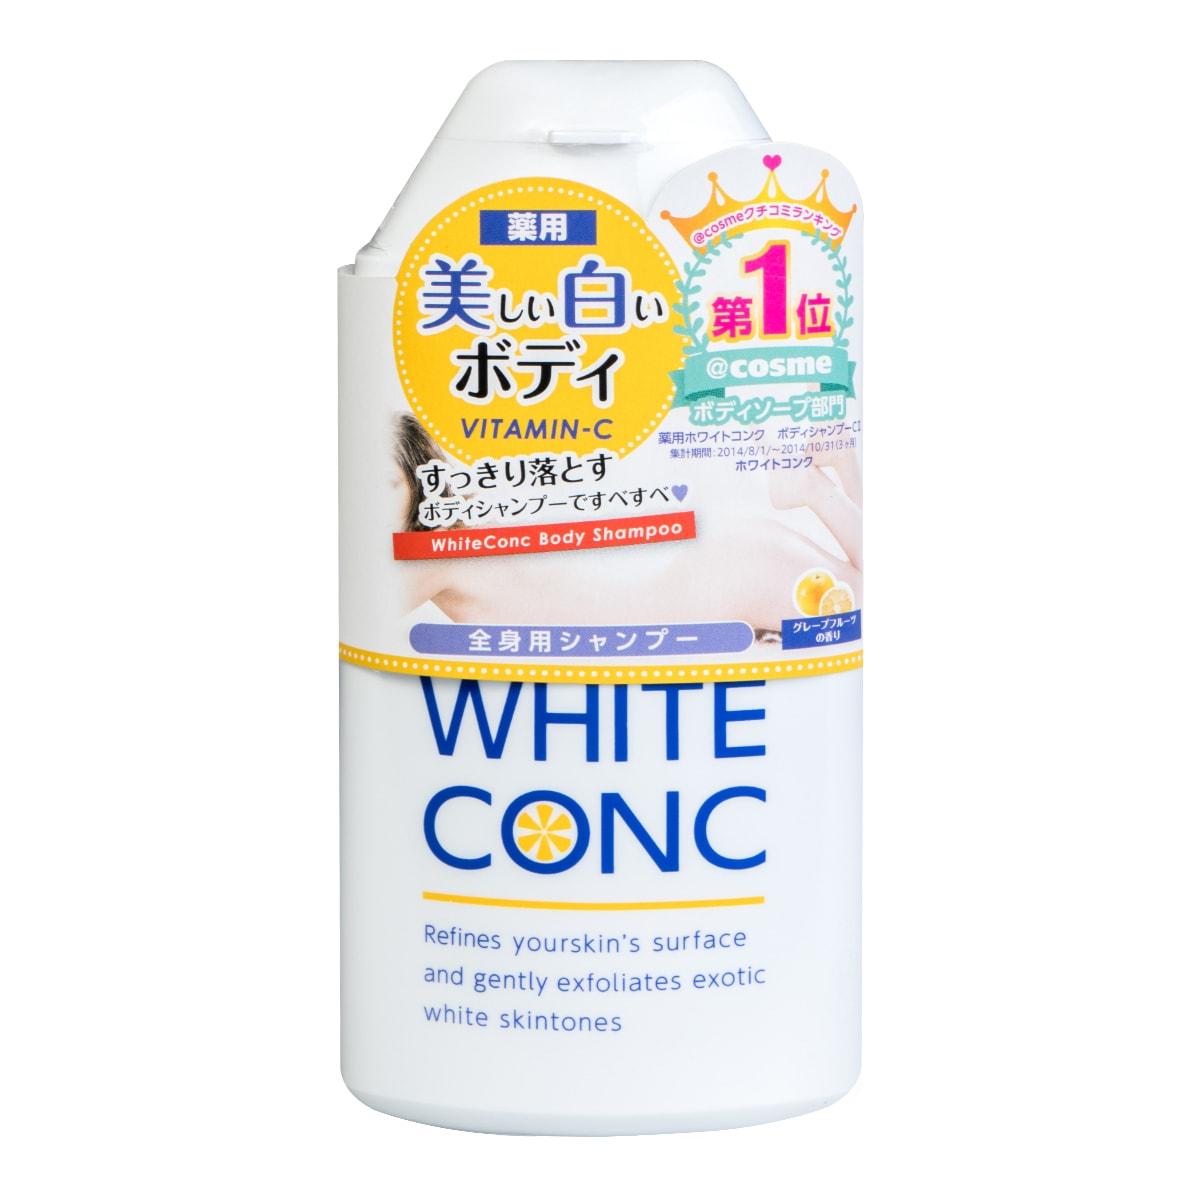 日本WHITE CONC 维C药用全身美白沐浴露 #葡萄柚香 150ml COSME大赏第一位 怎么样 - 亚米网